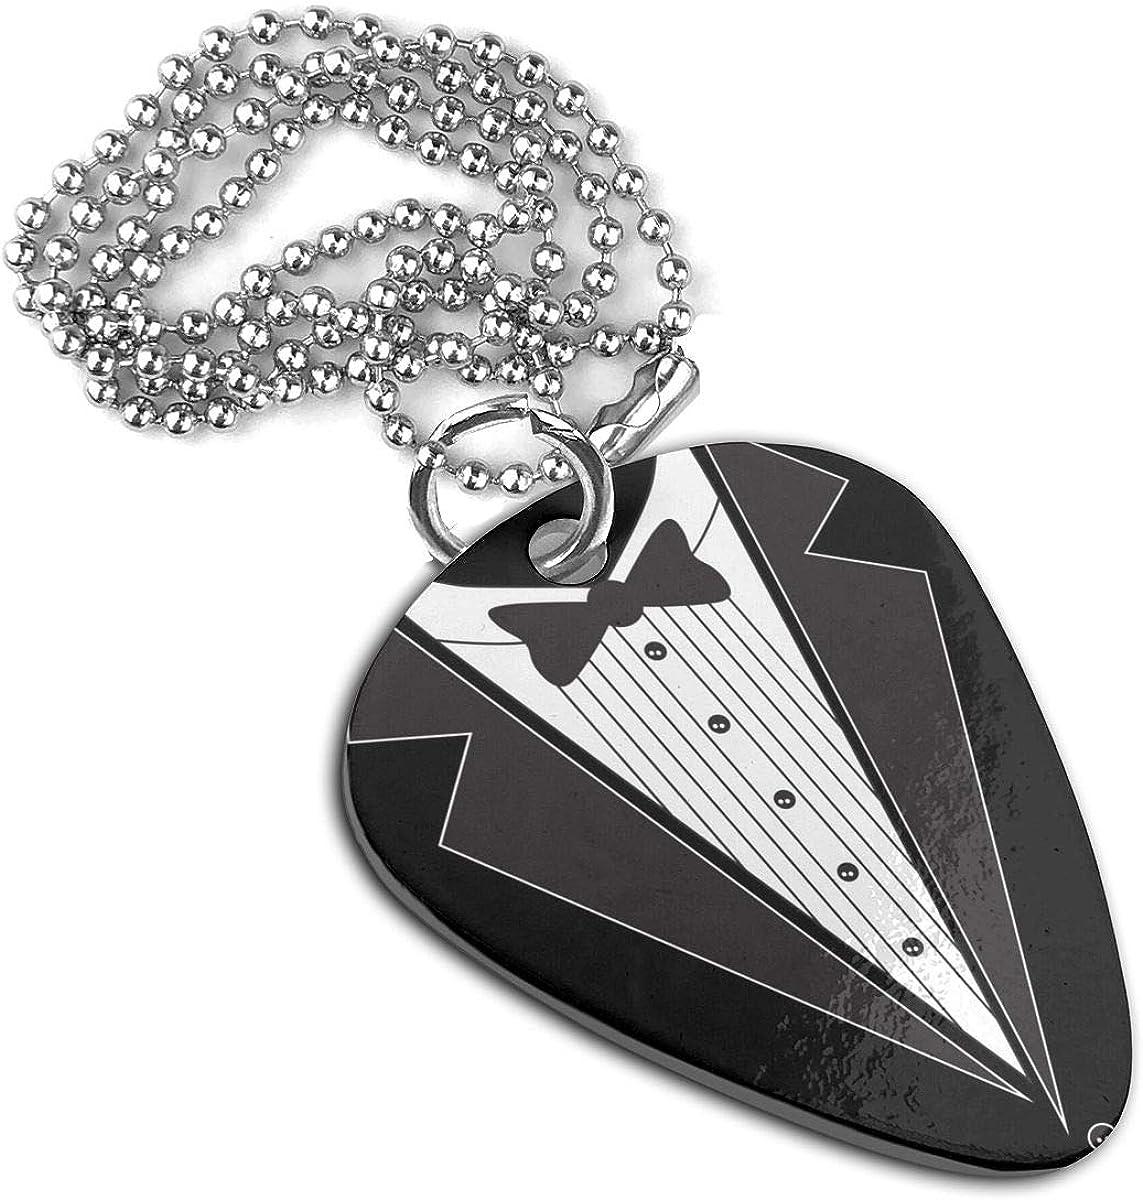 Black Tie Tuxedo Guitar Pick Necklace Pendant Pet Card Keychain